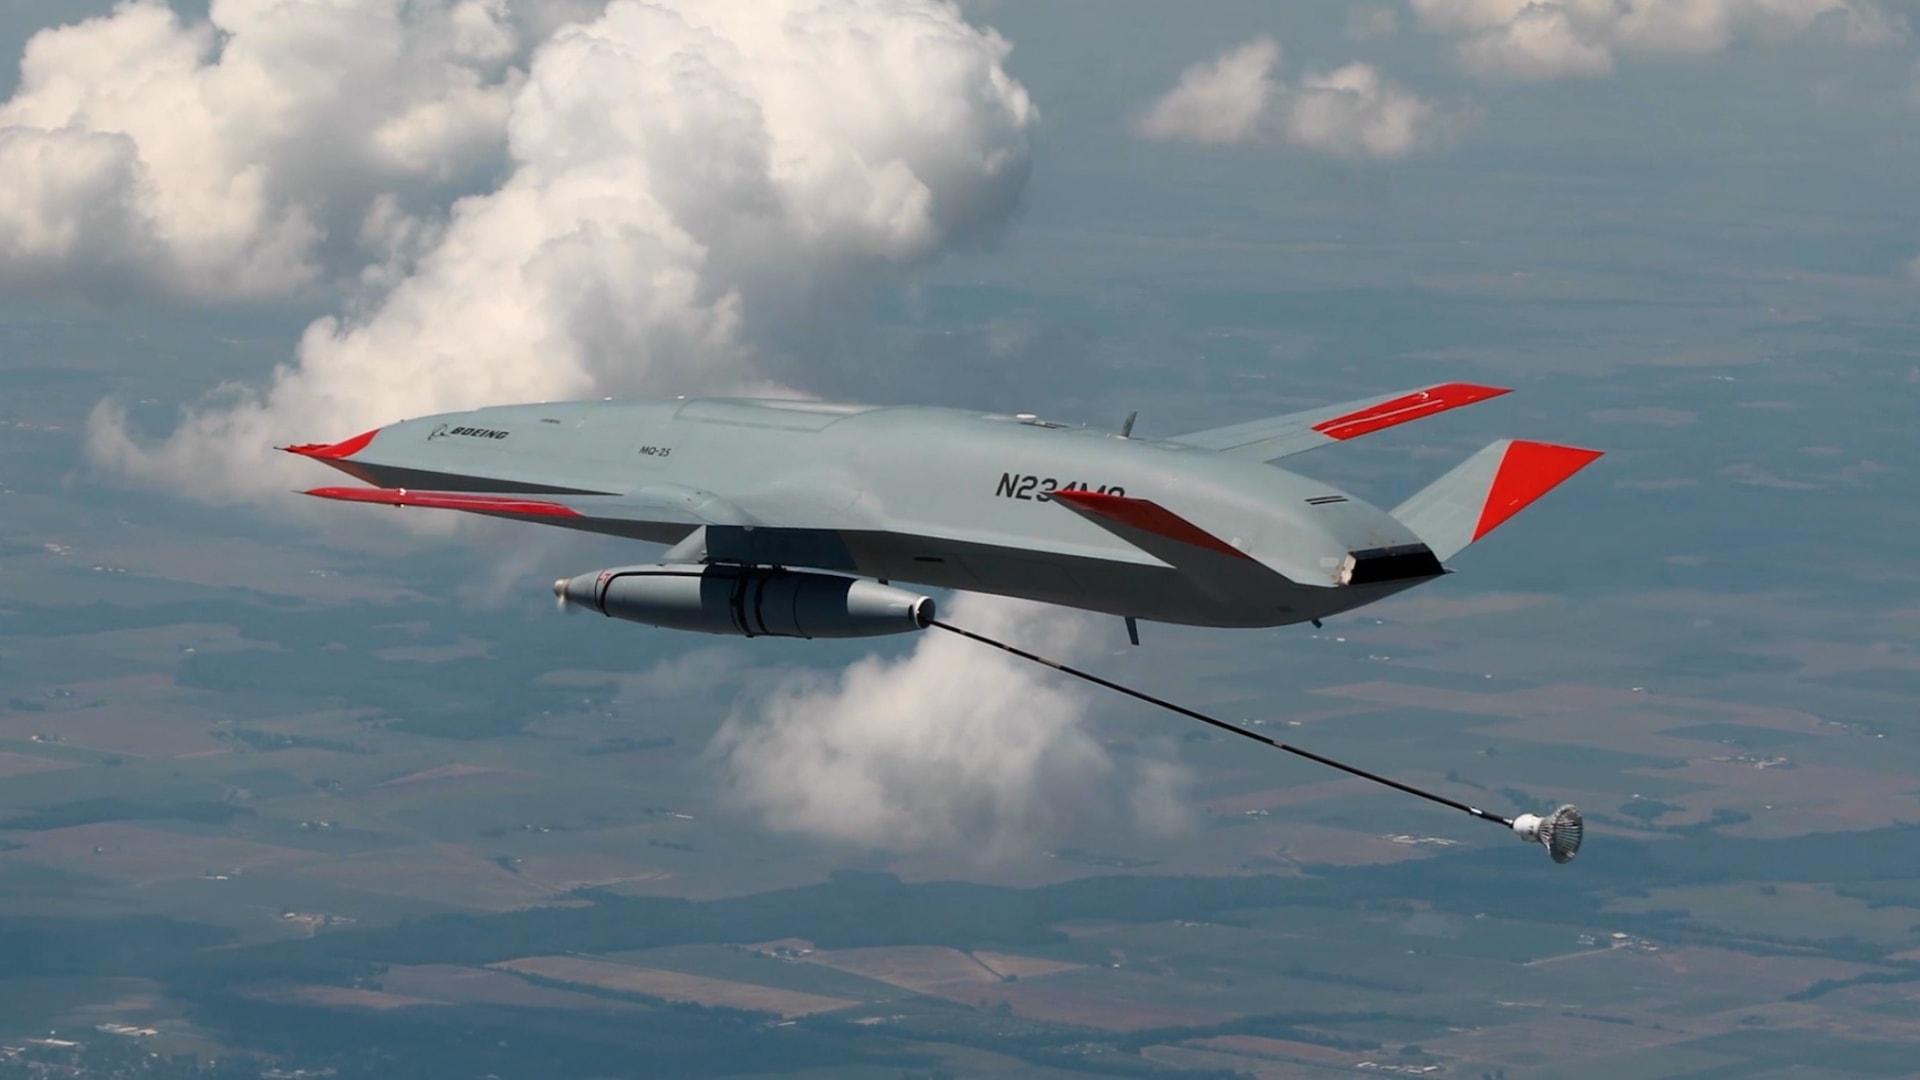 شاهد أول طائرة بدون طيار في العالم تابعة للبحرية الأمريكية تقوم بتزويد طائرة مقاتلة بالوقود